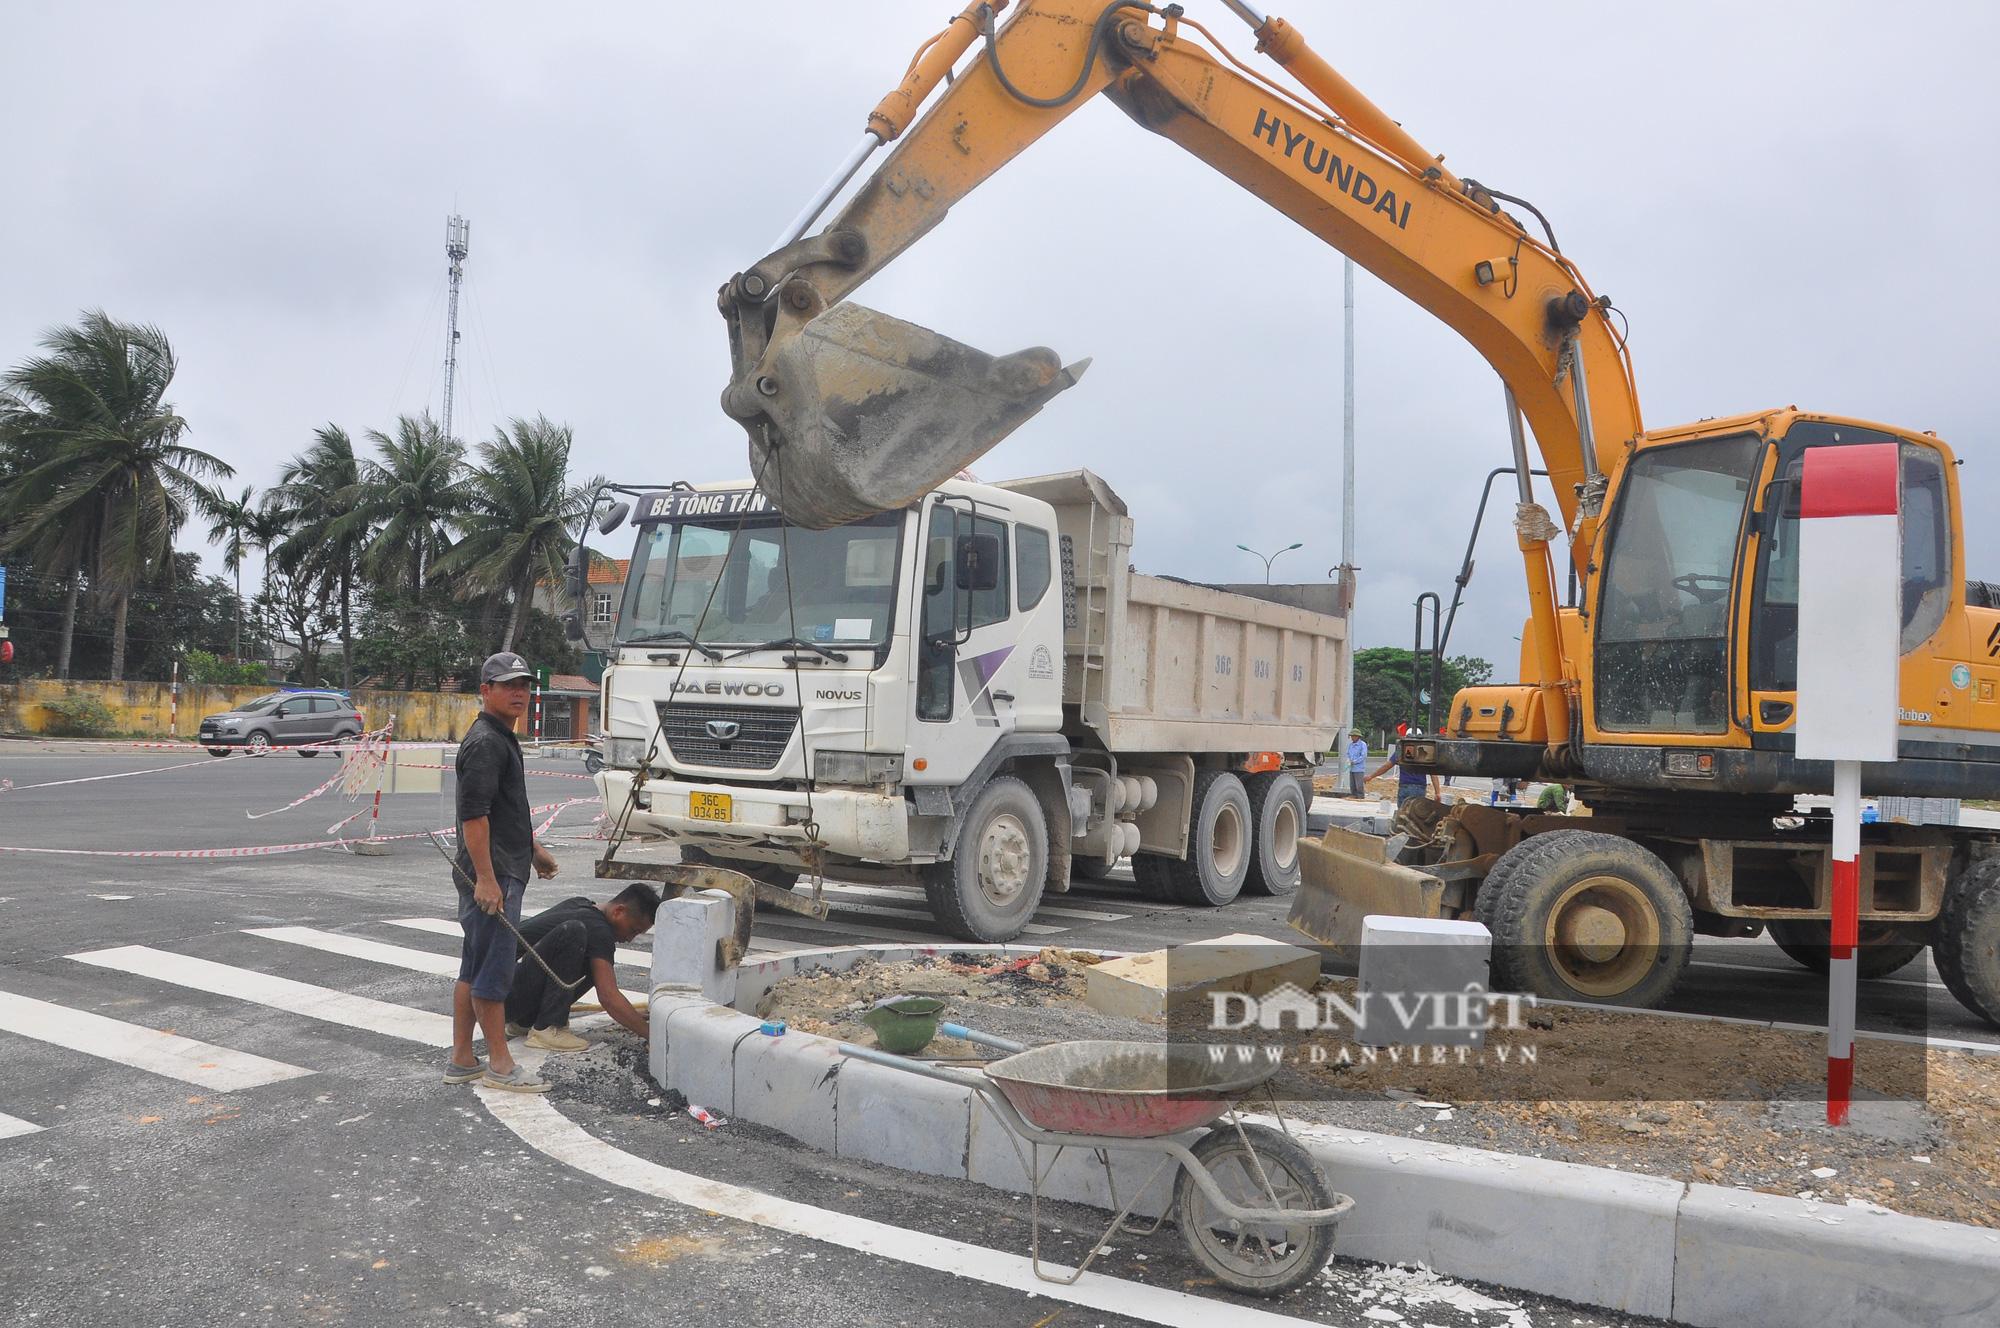 Cận cảnh dự án đường ven biển Nghi Sơn - Sầm Sơn có tổng mức đầu tư hơn 1.479 tỷ đồng trước ngày thông tuyến - Ảnh 7.